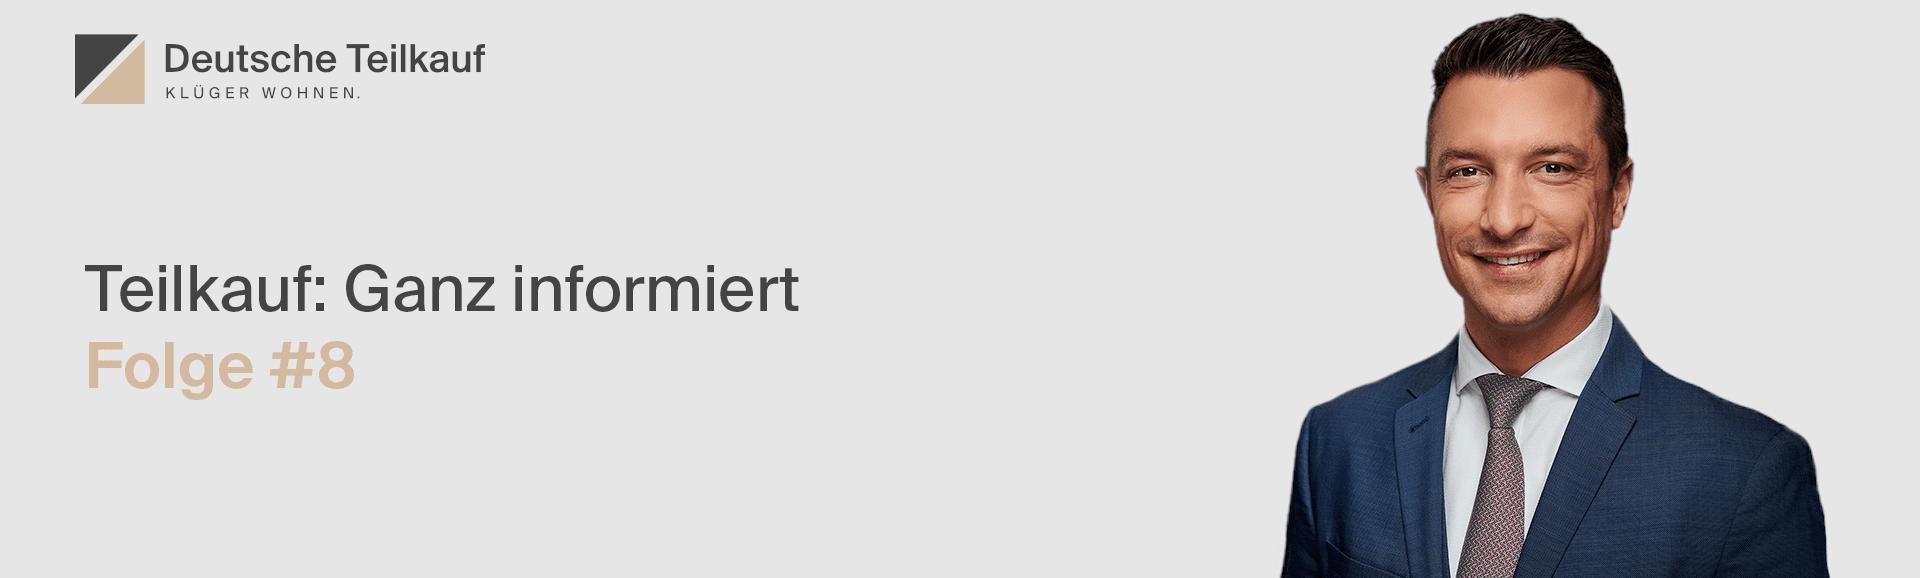 Teilkaif ganz informiert: VLOG-Folge 8 - Marian Kirchhoff erklärt den Immobilien Gesamtverkauf